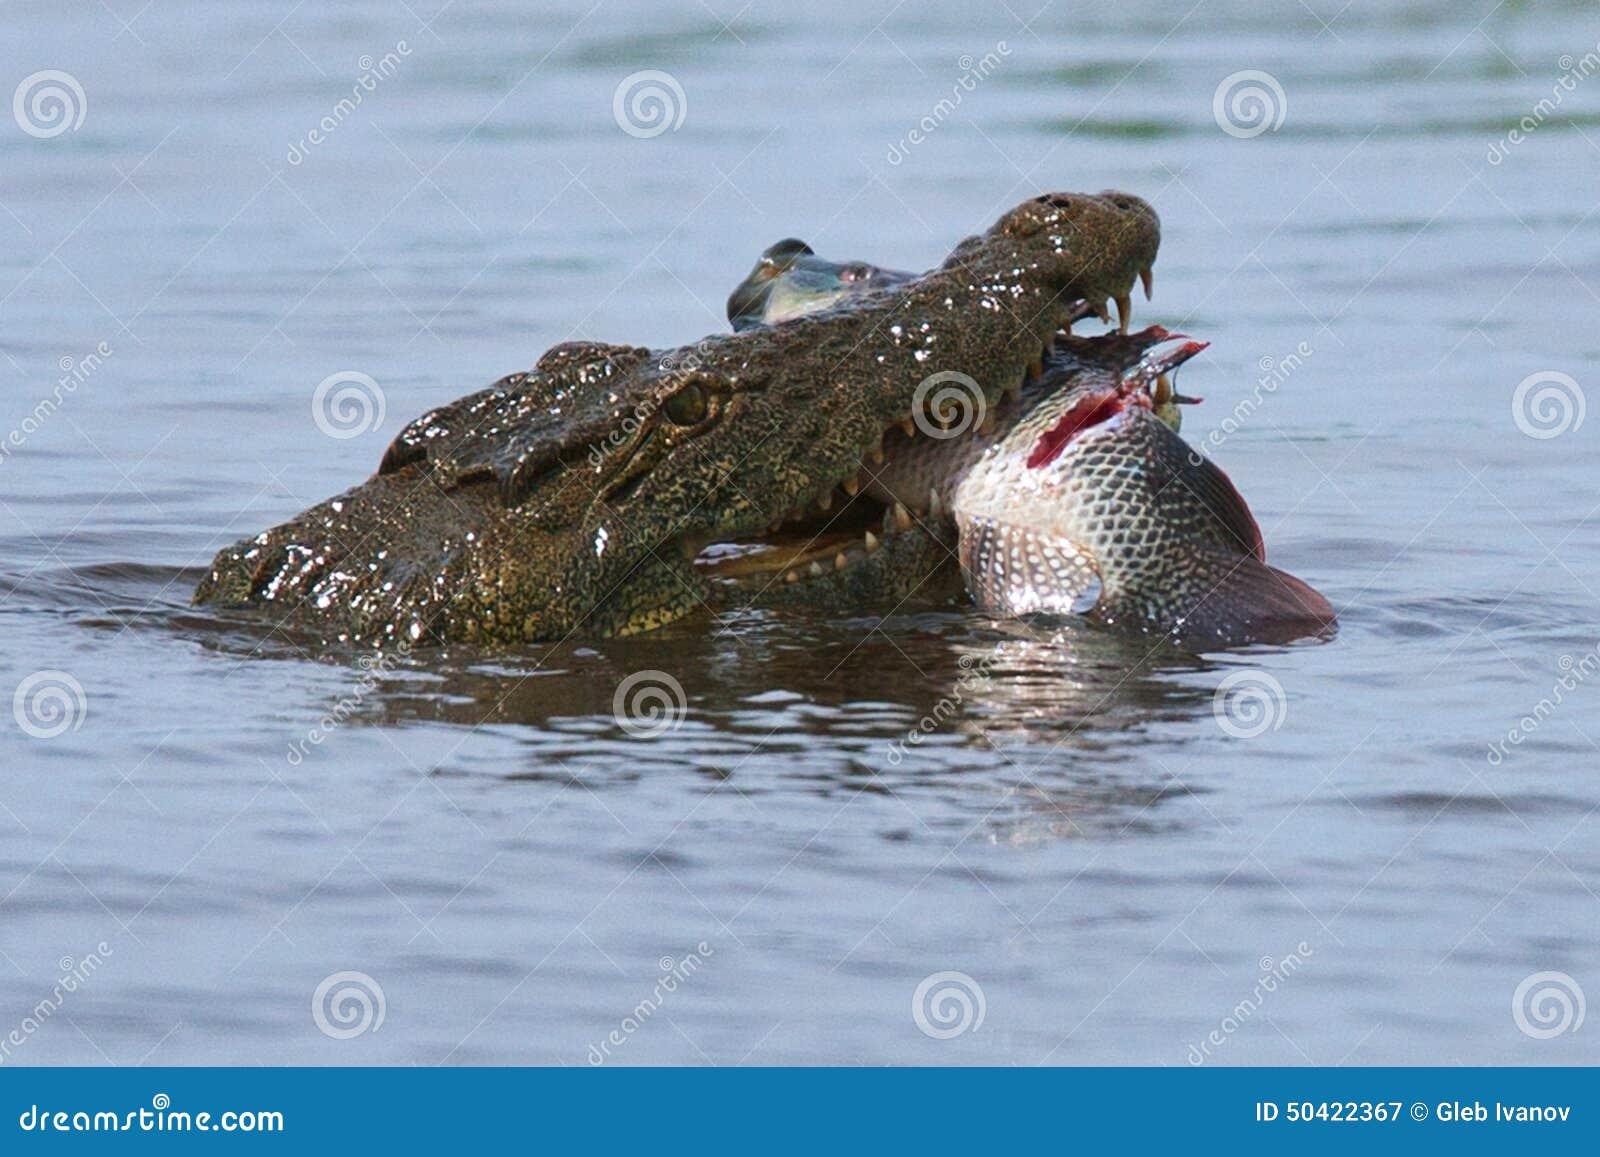 鳄鱼食肉动物的鱼水河湖非洲博茨瓦纳枪口渔.图片